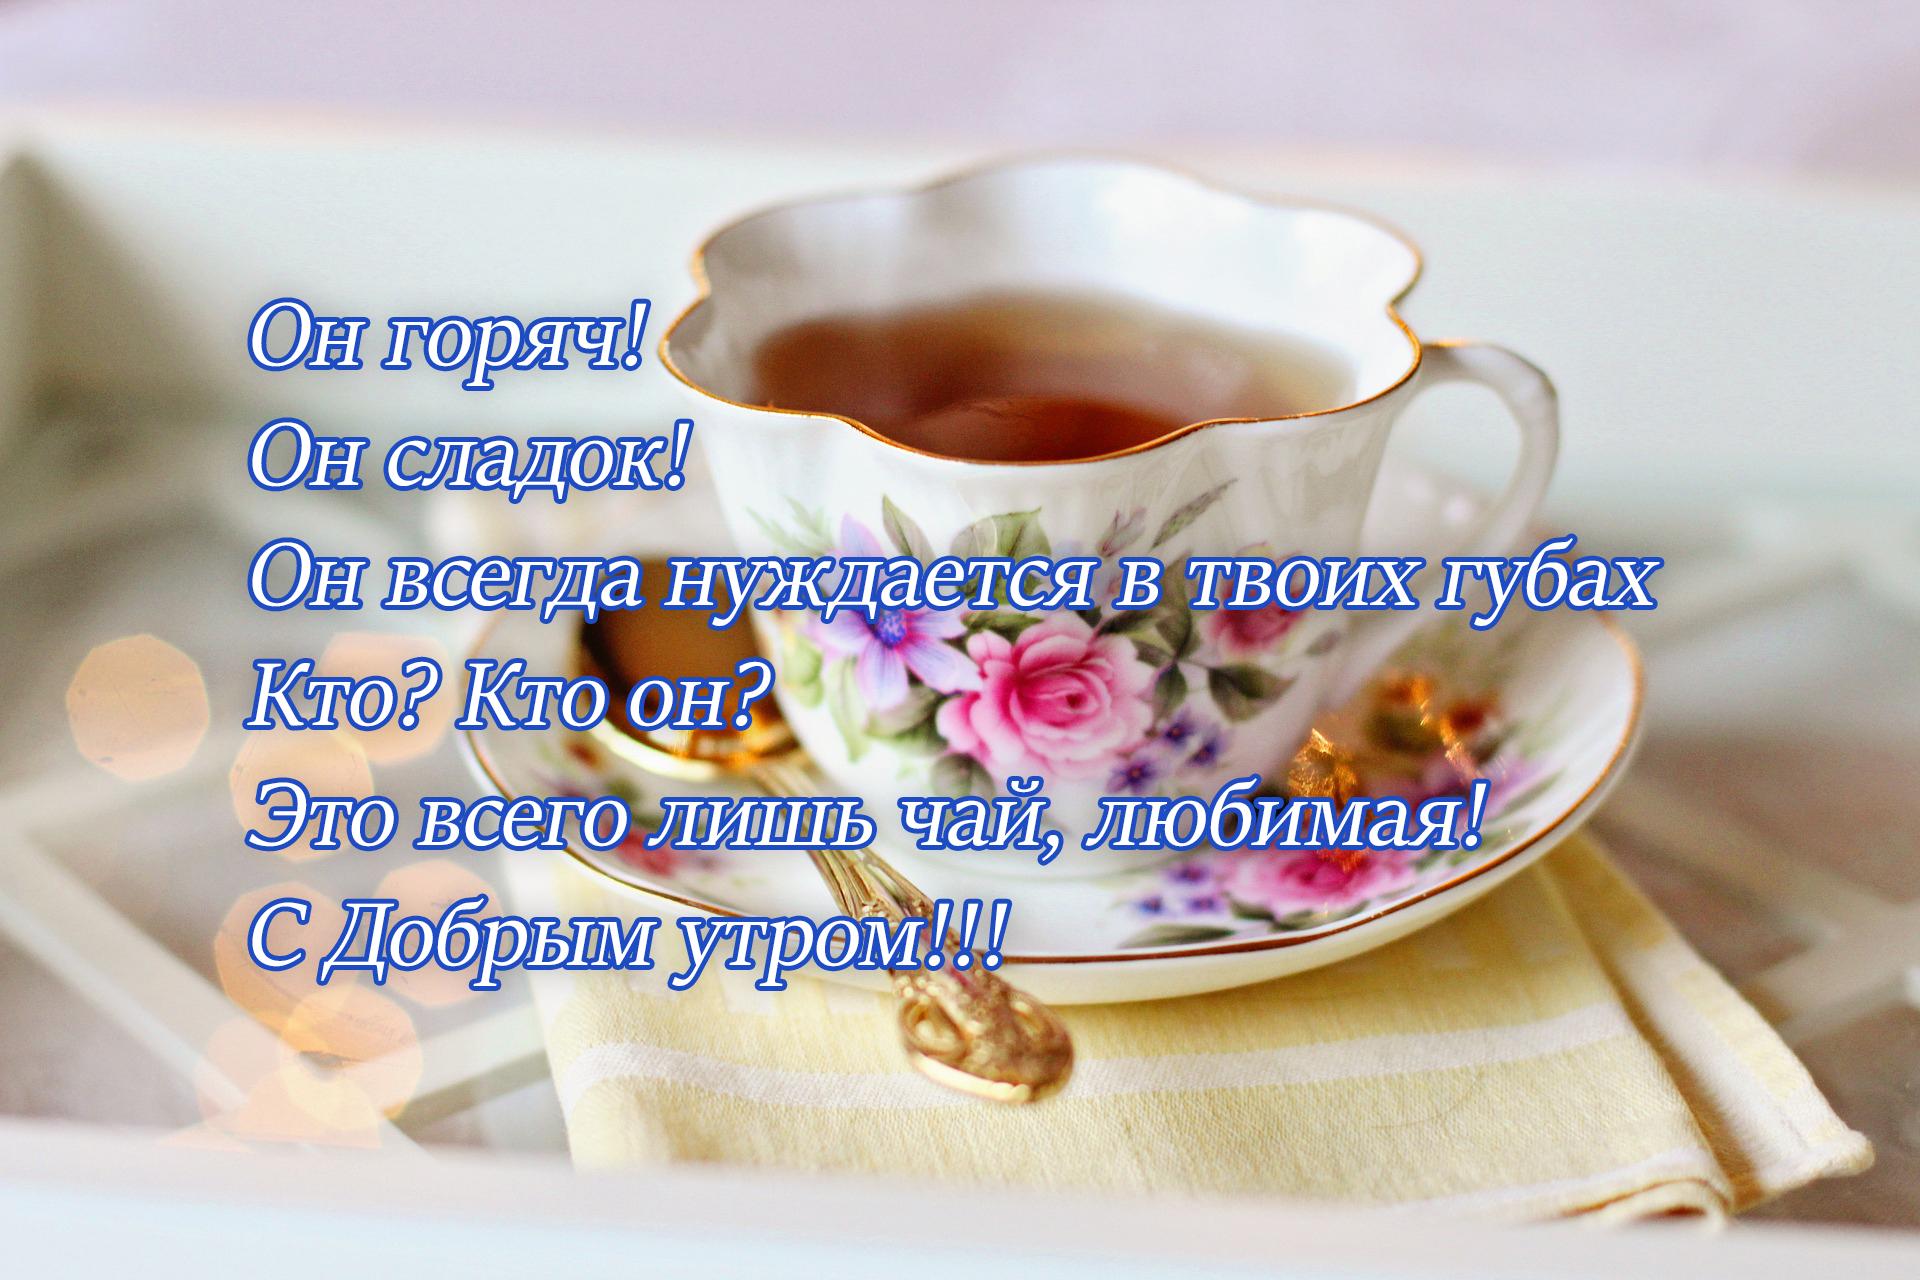 Он горяч, он сладок! Он всегда нуждается в твоих губах. Кто? Кто он? Это всего лишь чай, любимая! С Добрым утром!!!